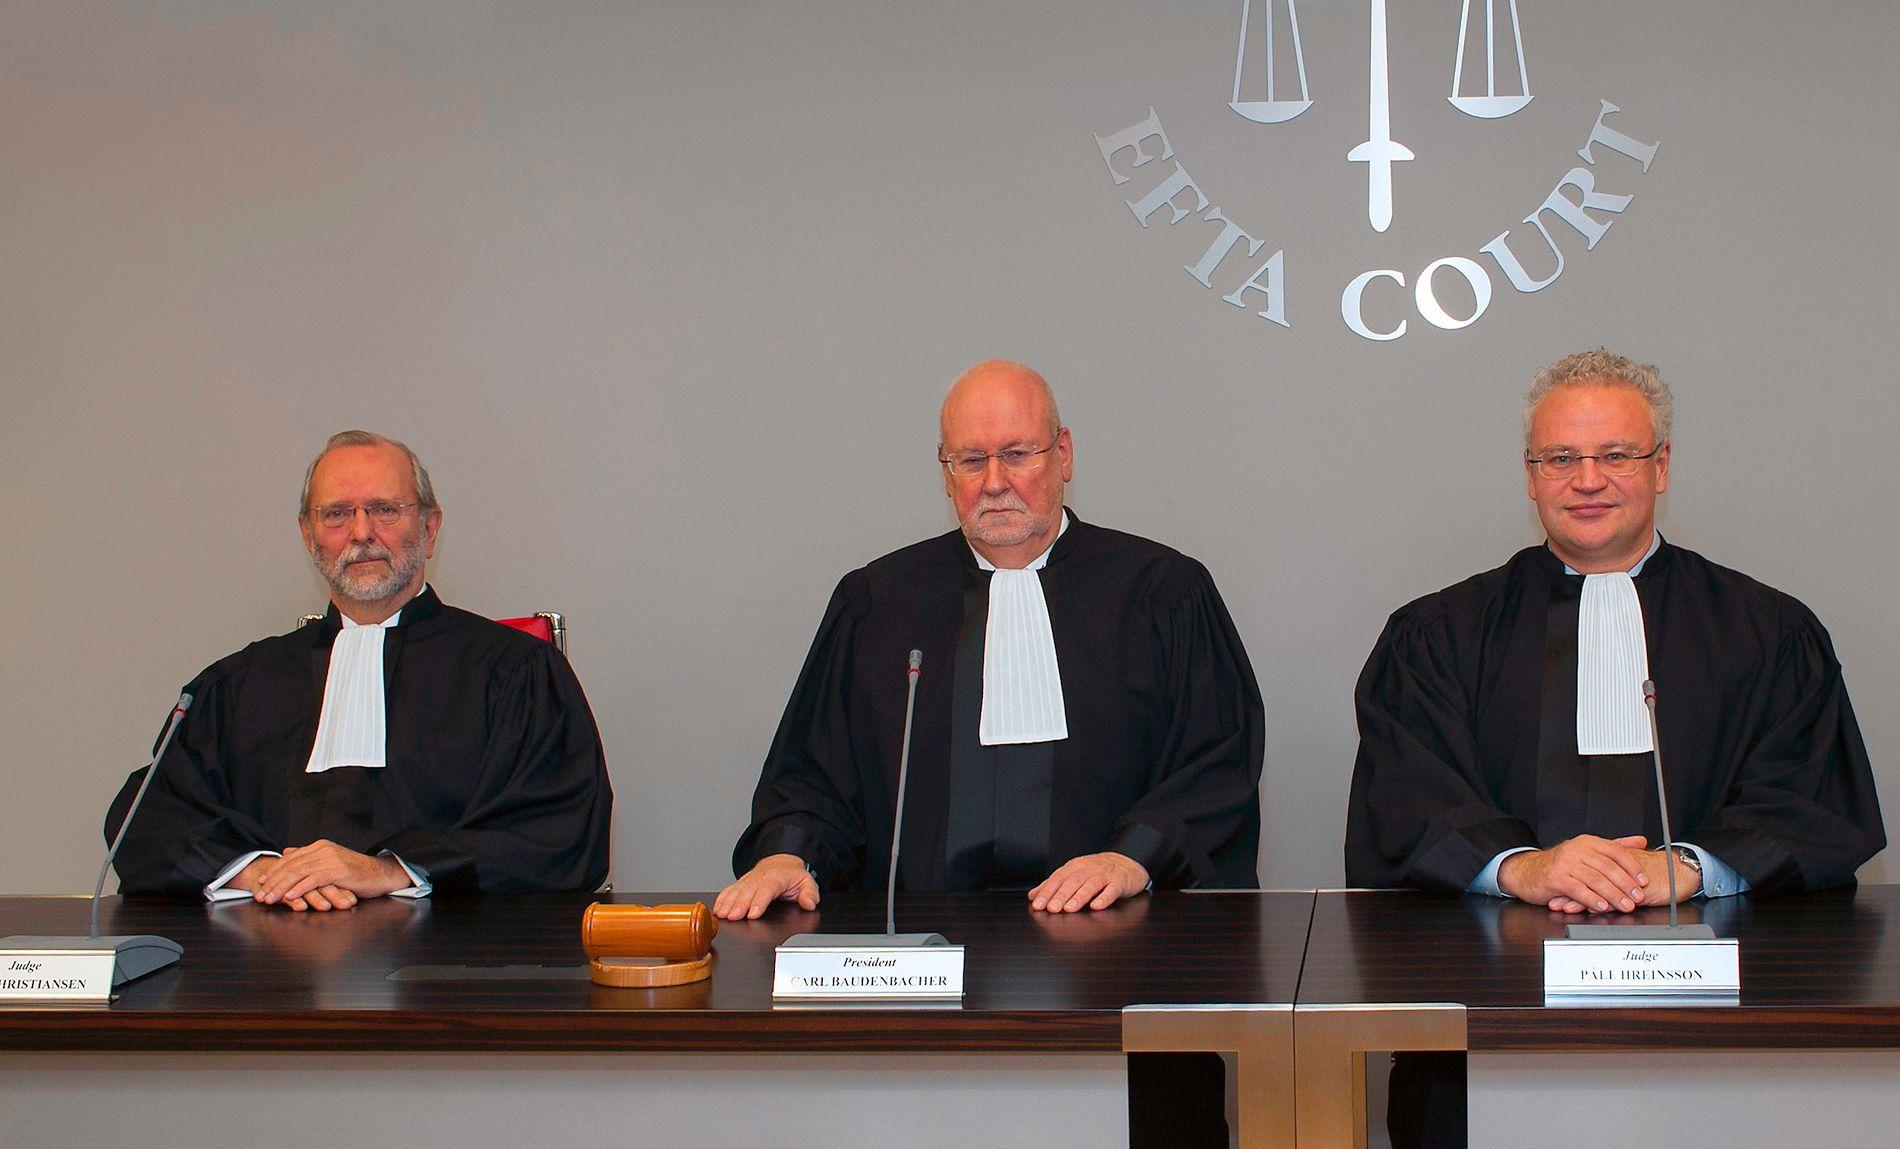 FÅR SEKS ÅR: Den norske dommeren Per Christiansen (til venstre) blir nå oppnevnt for seks år, etter at regjeringen har avblåst dommerstriden. Her er han sammen med domstolens president Carl Baudenbacher (i midten) fra Liechtenstein, og den islandske dommeren Páll Hreinsson.